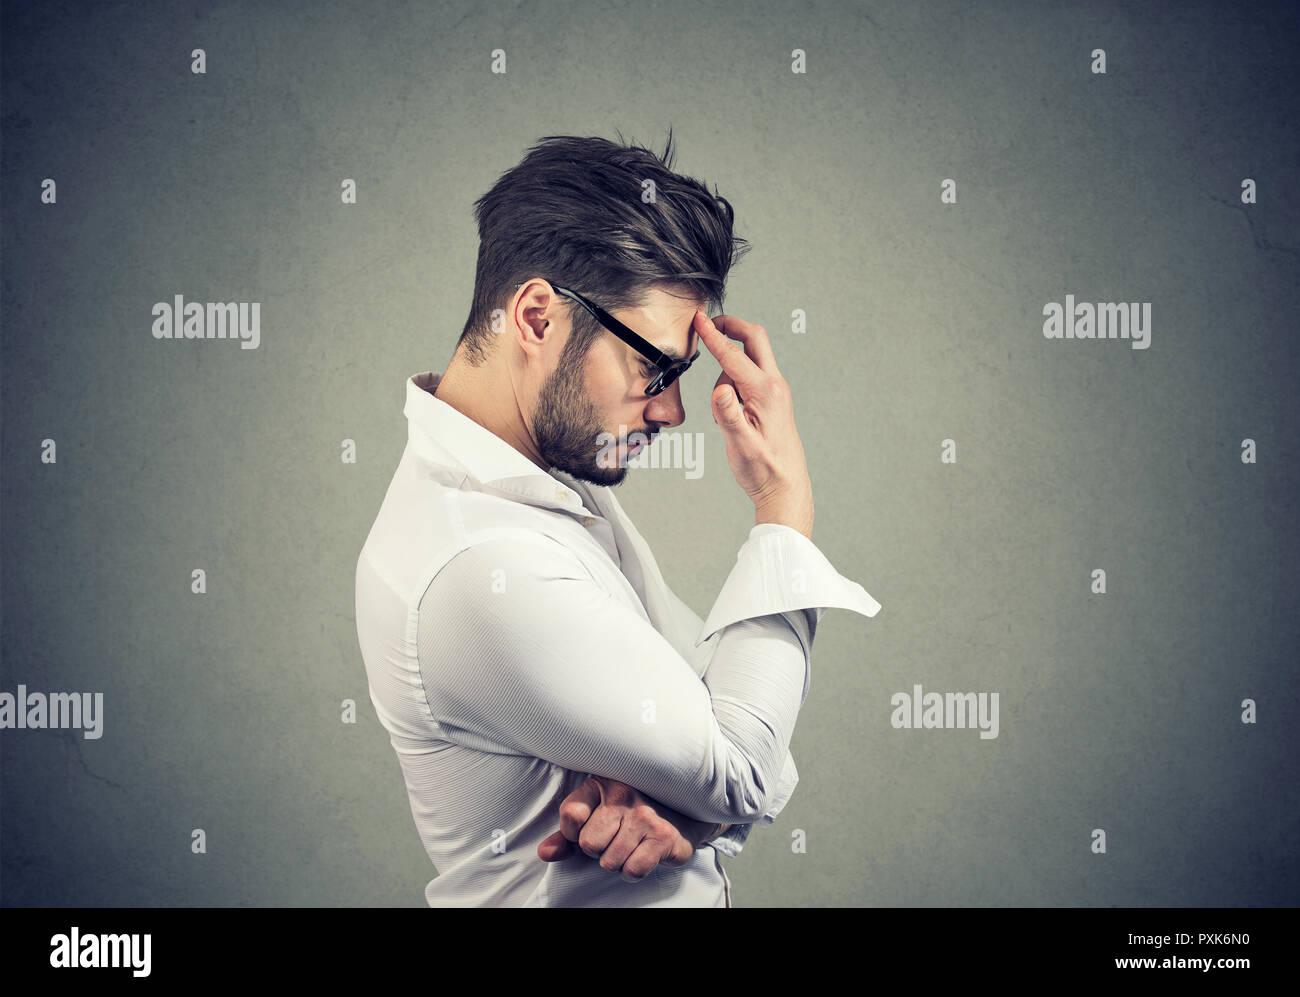 Vue latérale du barbu à lunettes et une chemise blanche touching forehead étant en dépression et pleine de pensées Photo Stock